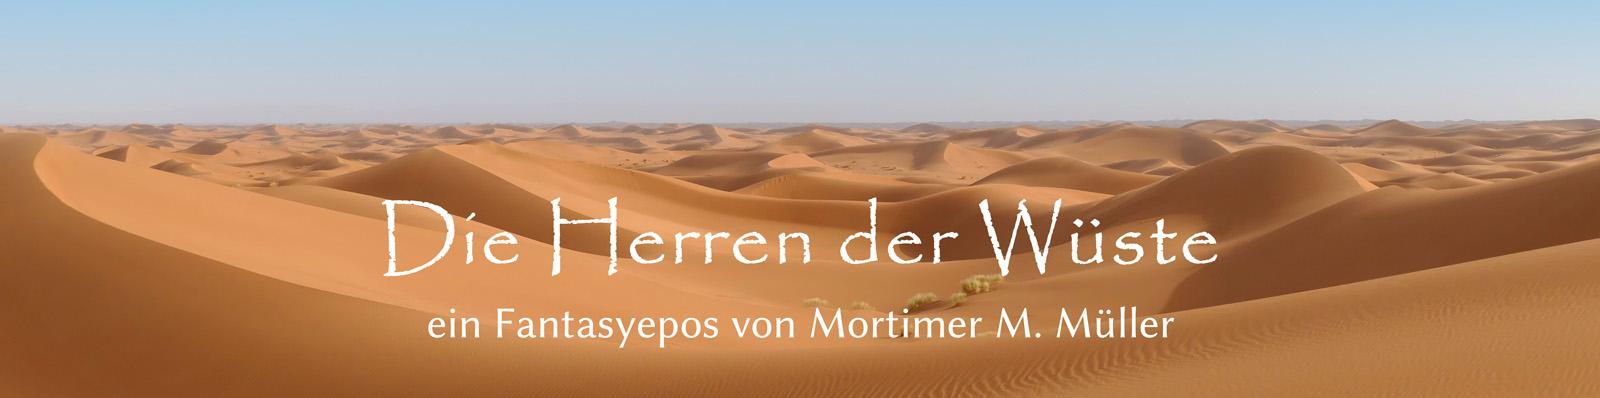 Die Herren der Wüste